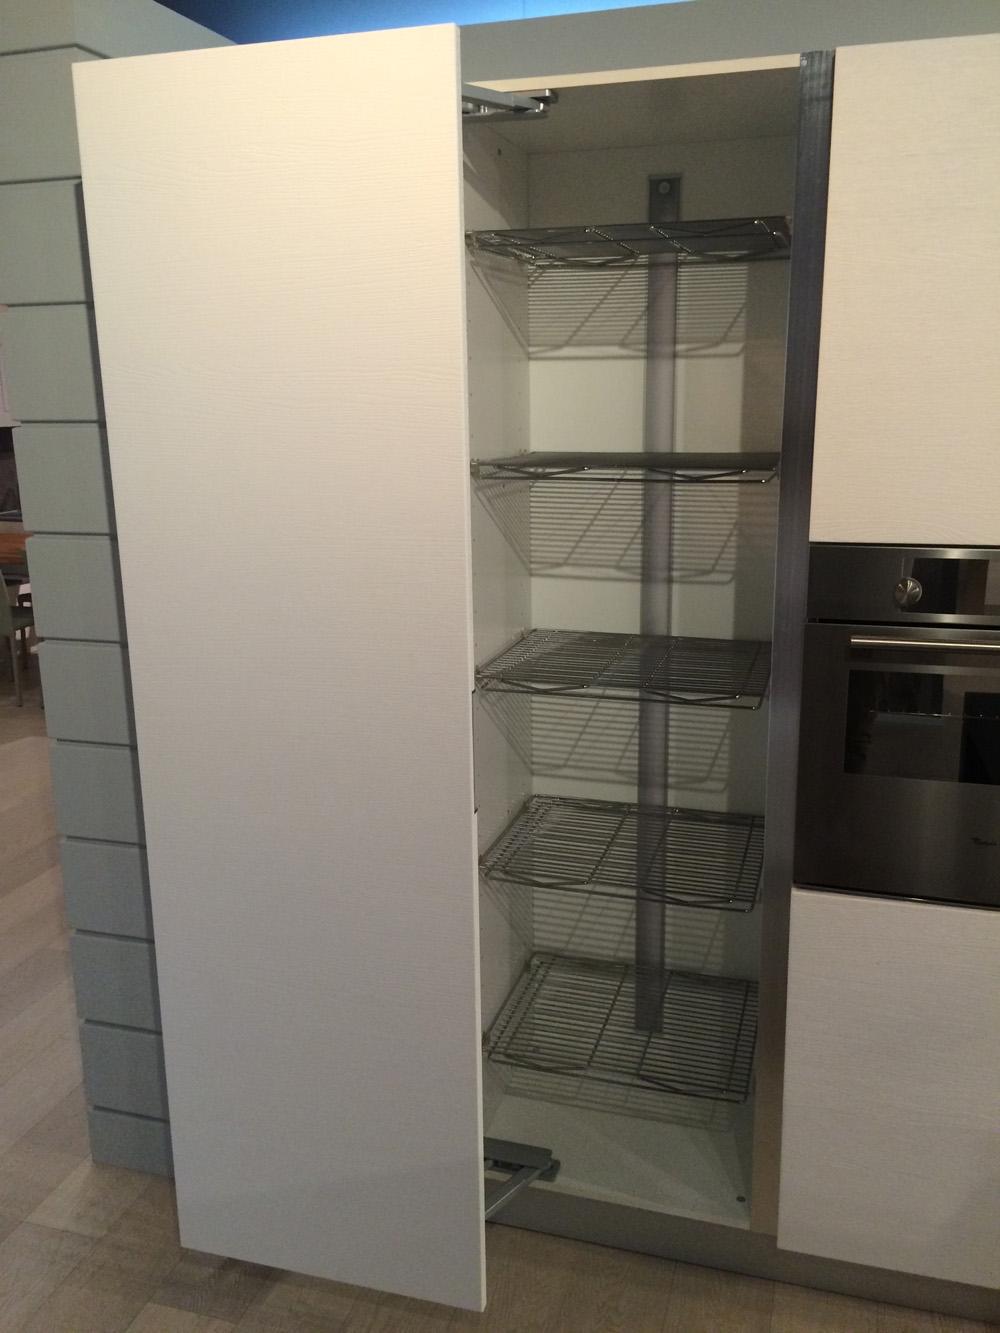 Zanotto cucina avena design legno bianca cucine a prezzi - Cucina legno bianca ...